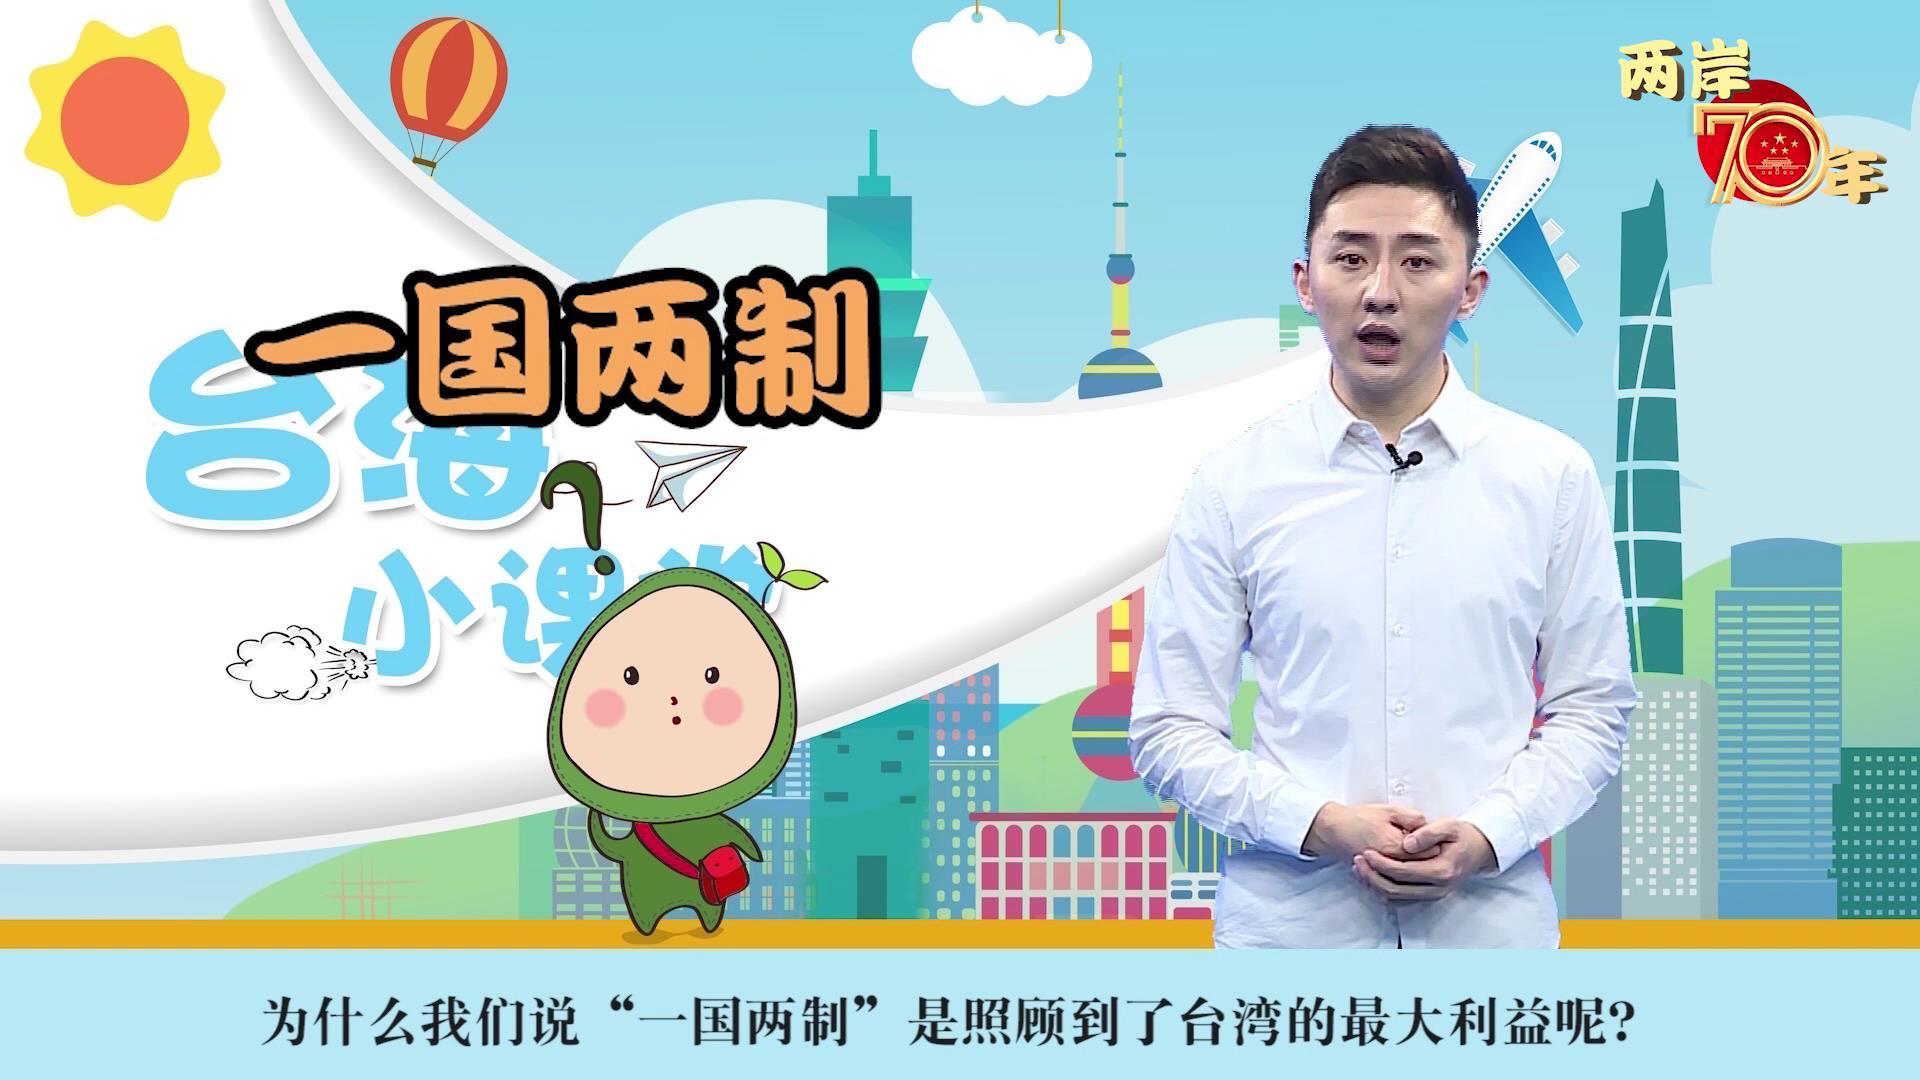 """第三期:為什麼説""""一國兩制""""照顧到了臺灣的最大利益?圖片"""